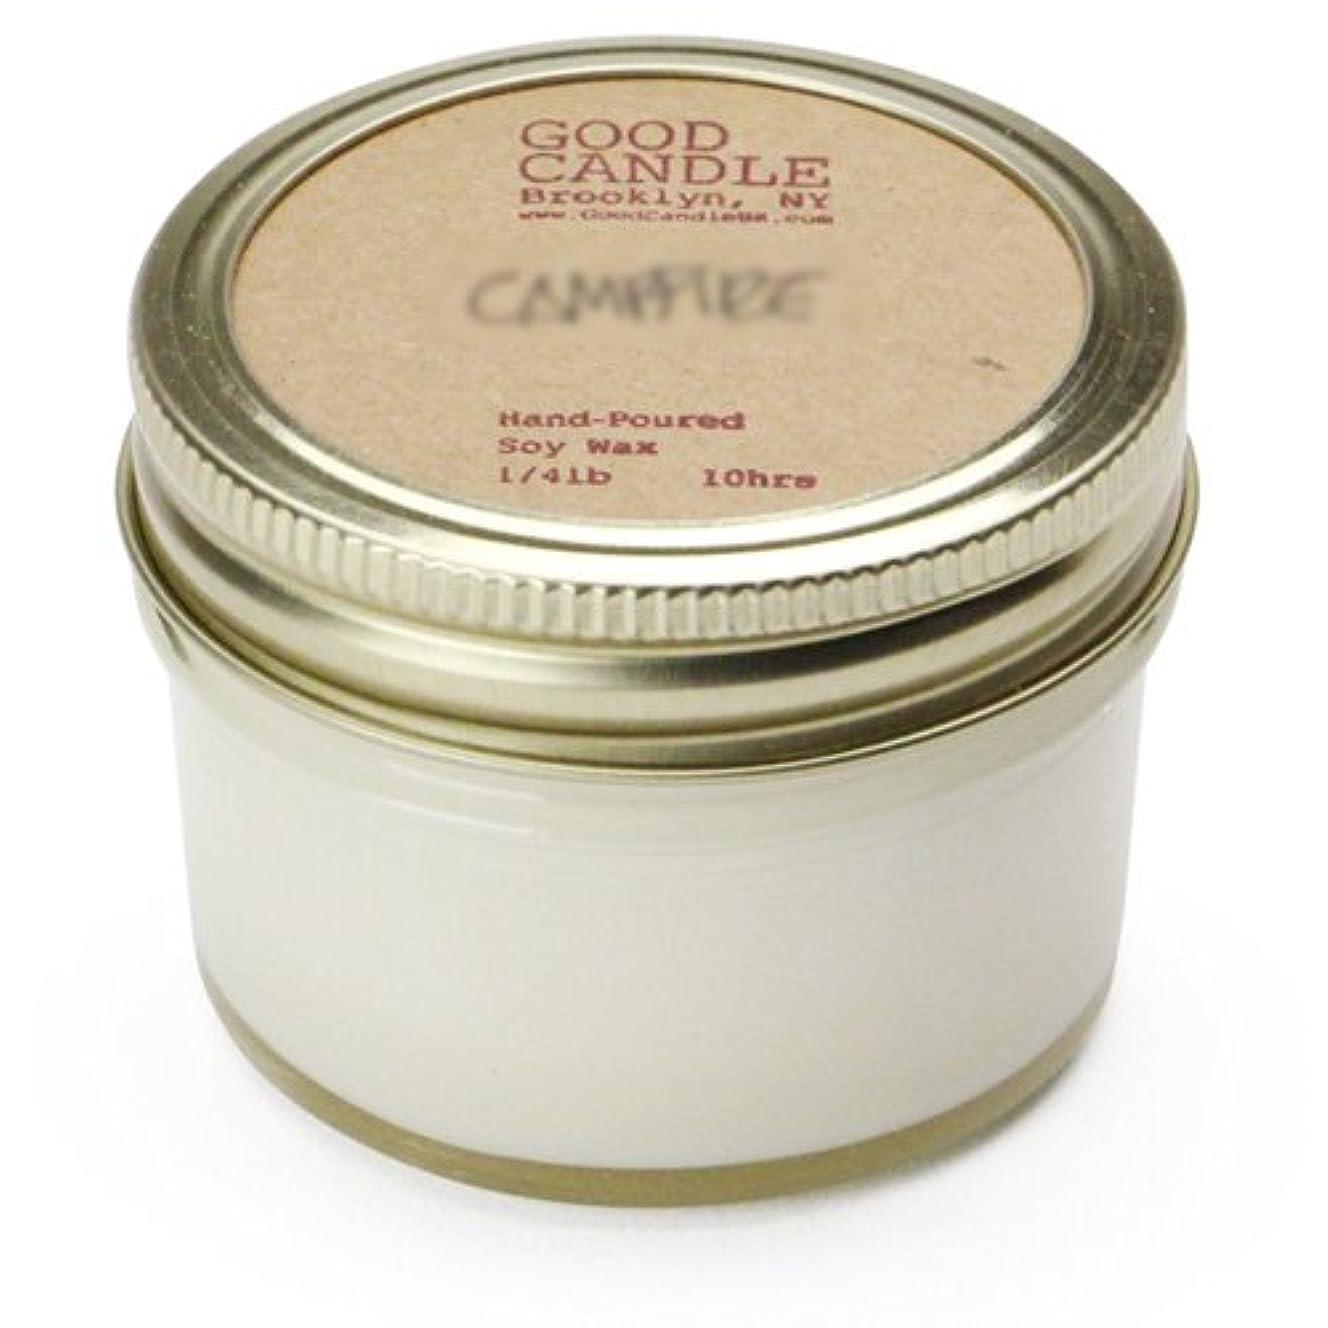 きゅうり批判する平日グッドキャンドル 1/4ポンド ゼリージャー キャンドル Good Candle 1/4LB Jelly jar candle [ Wash board ] 正規品